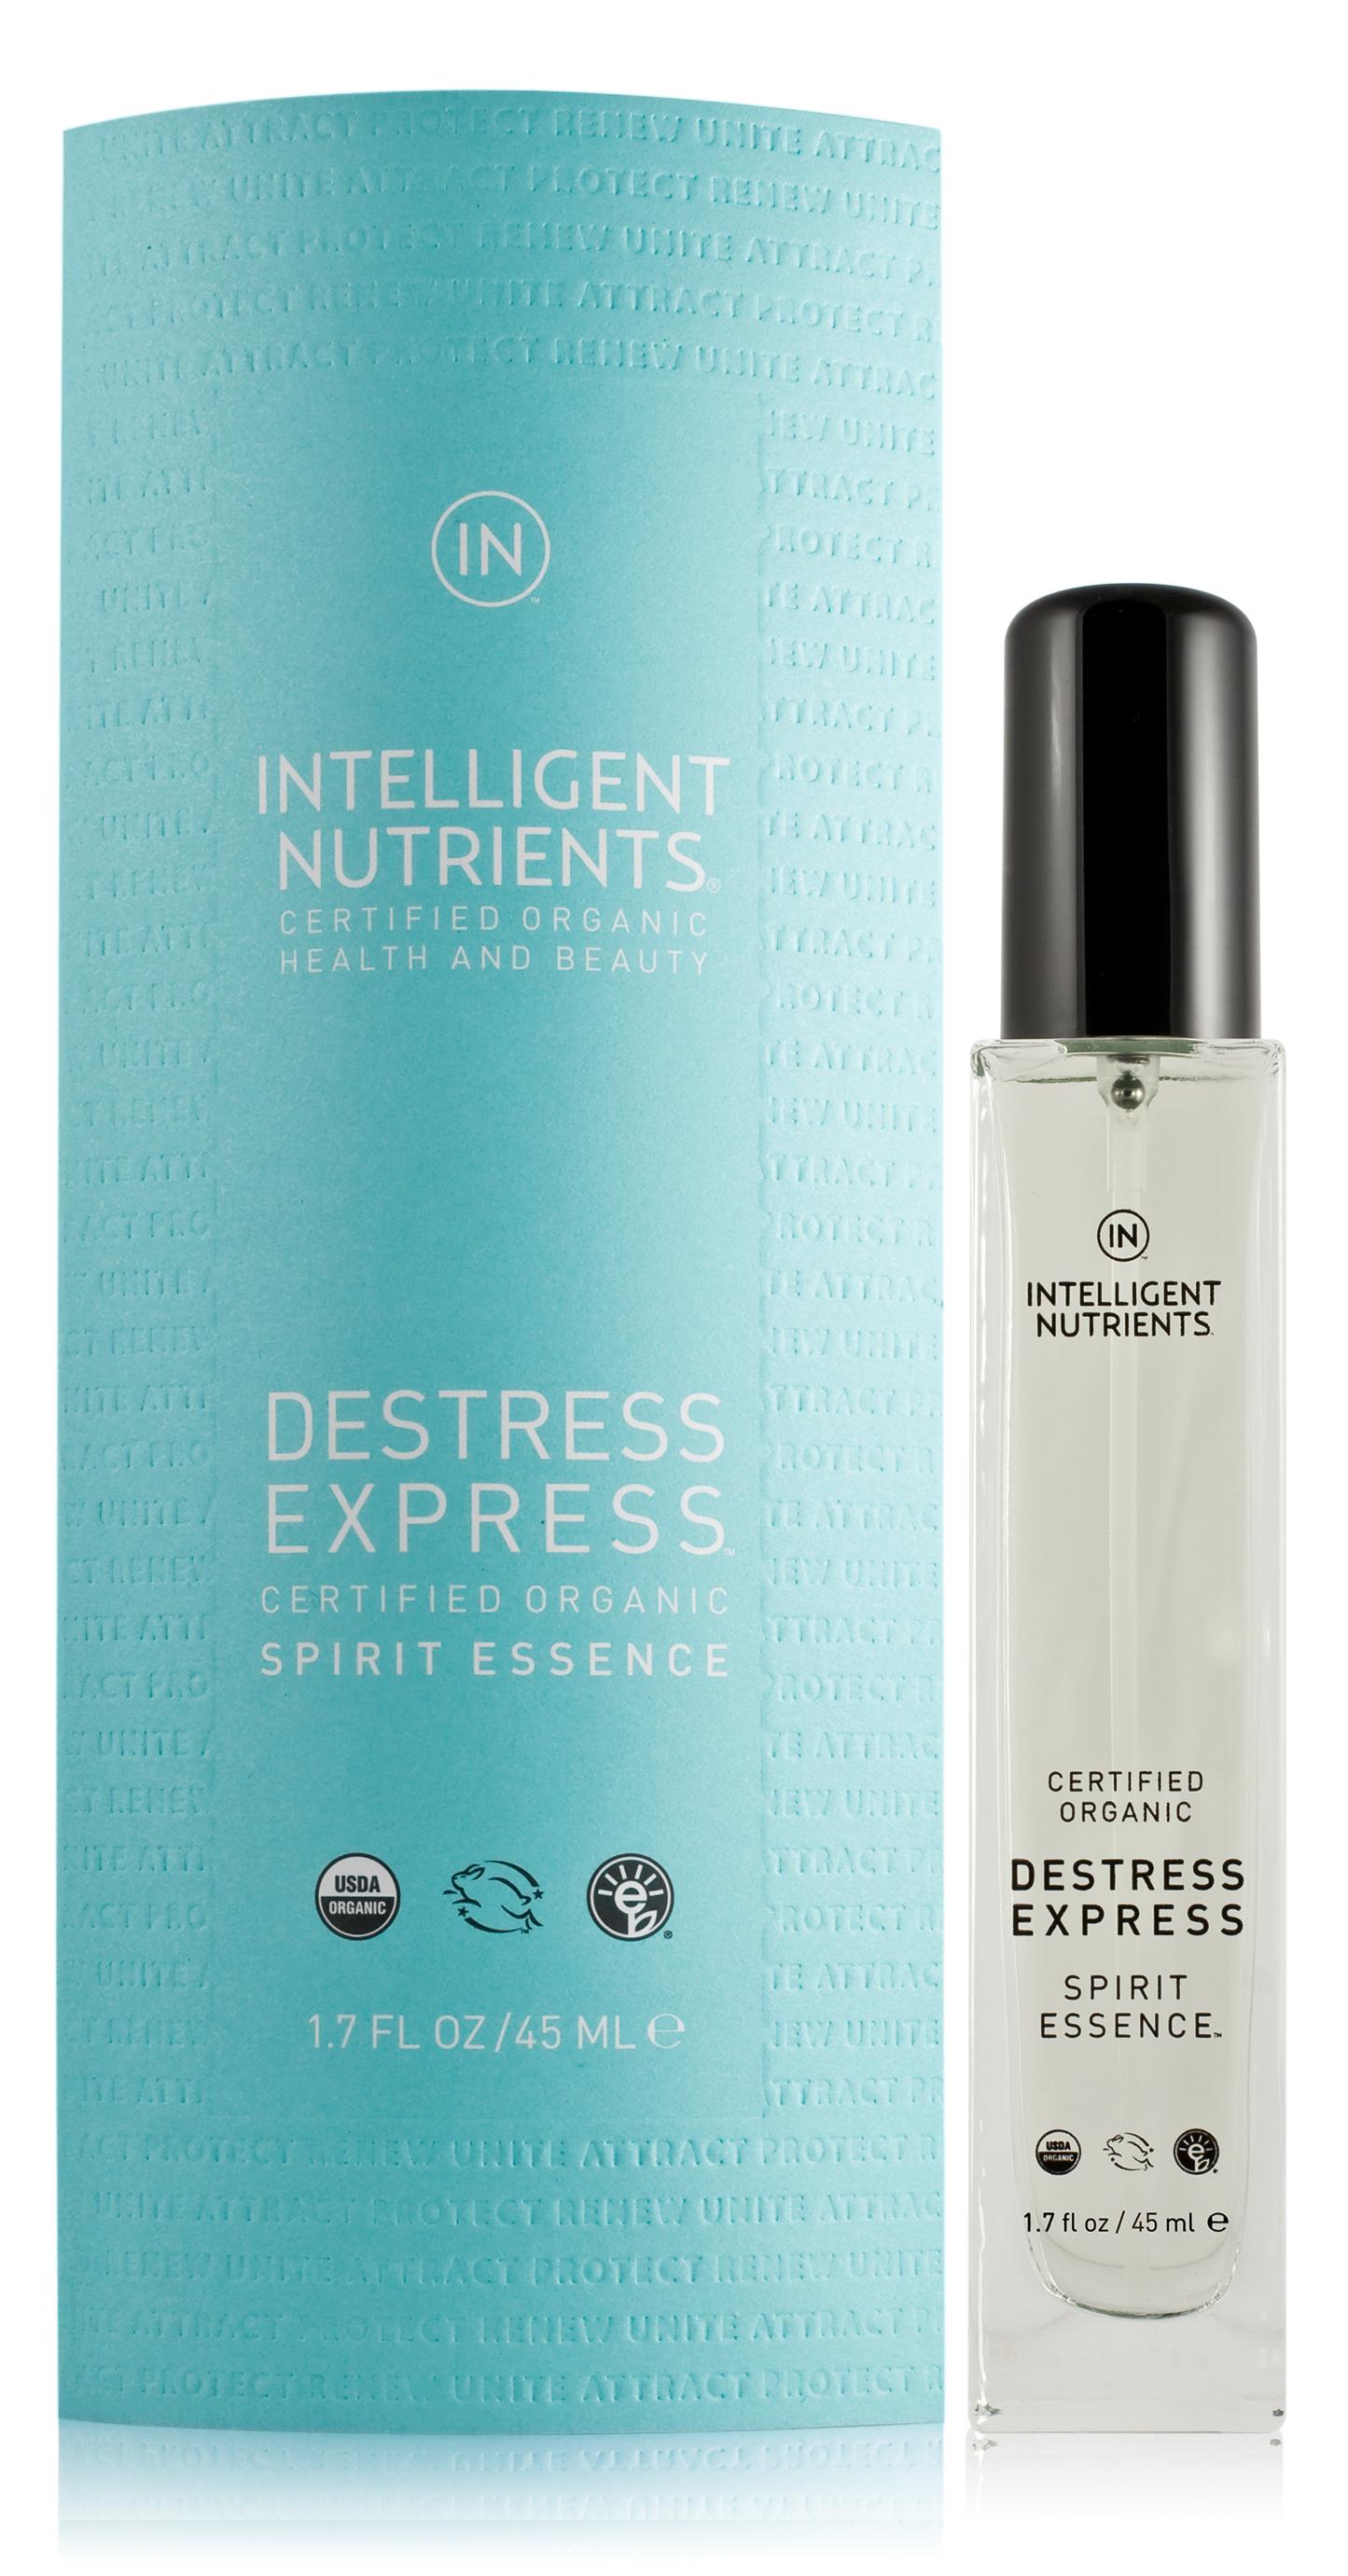 Destress Express™ Spirit Essence (DKK380/45ml)